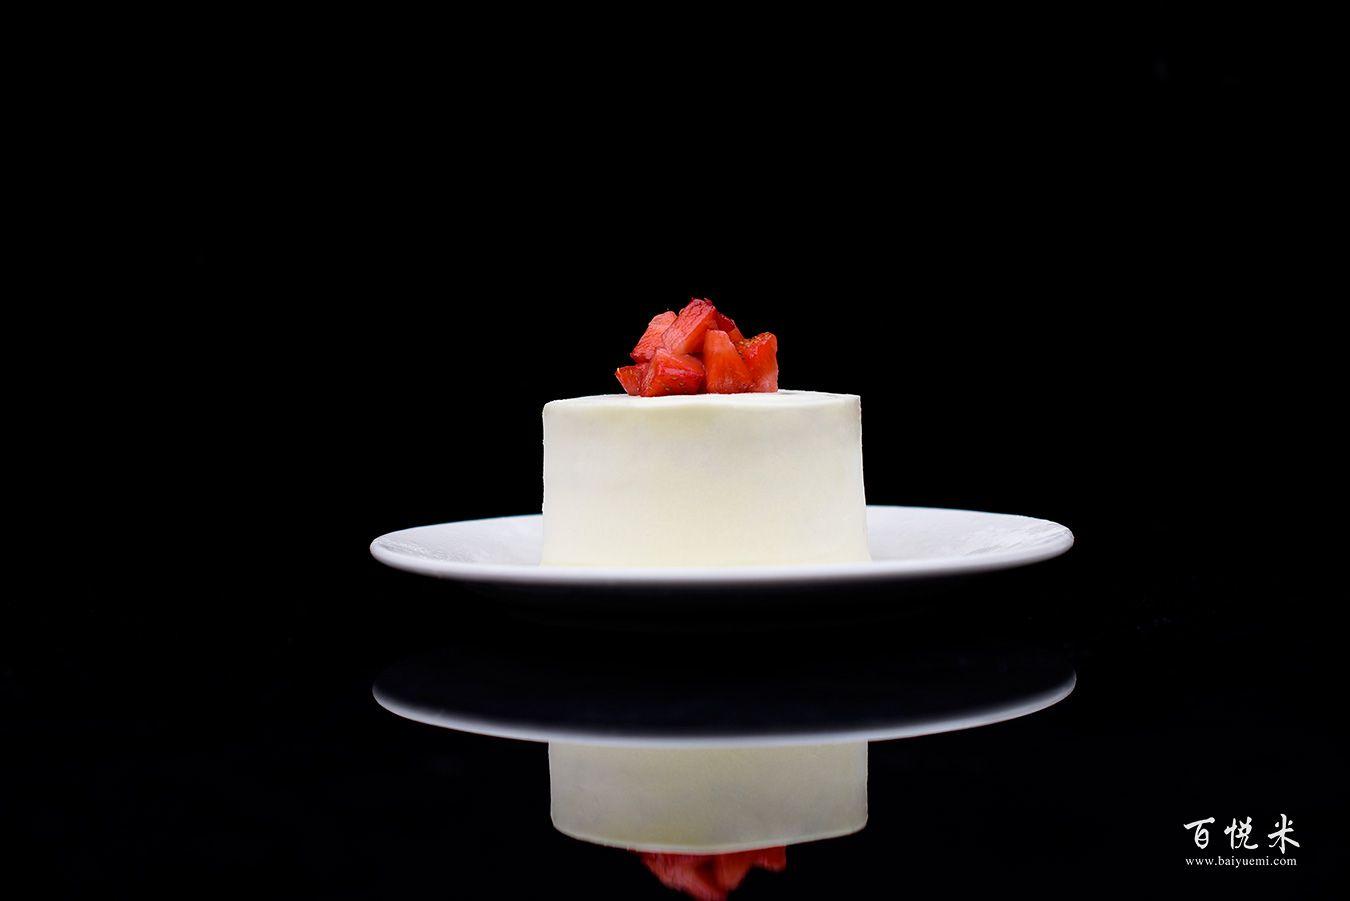 草莓小蛋糕高清图片大全【蛋糕图片】_586